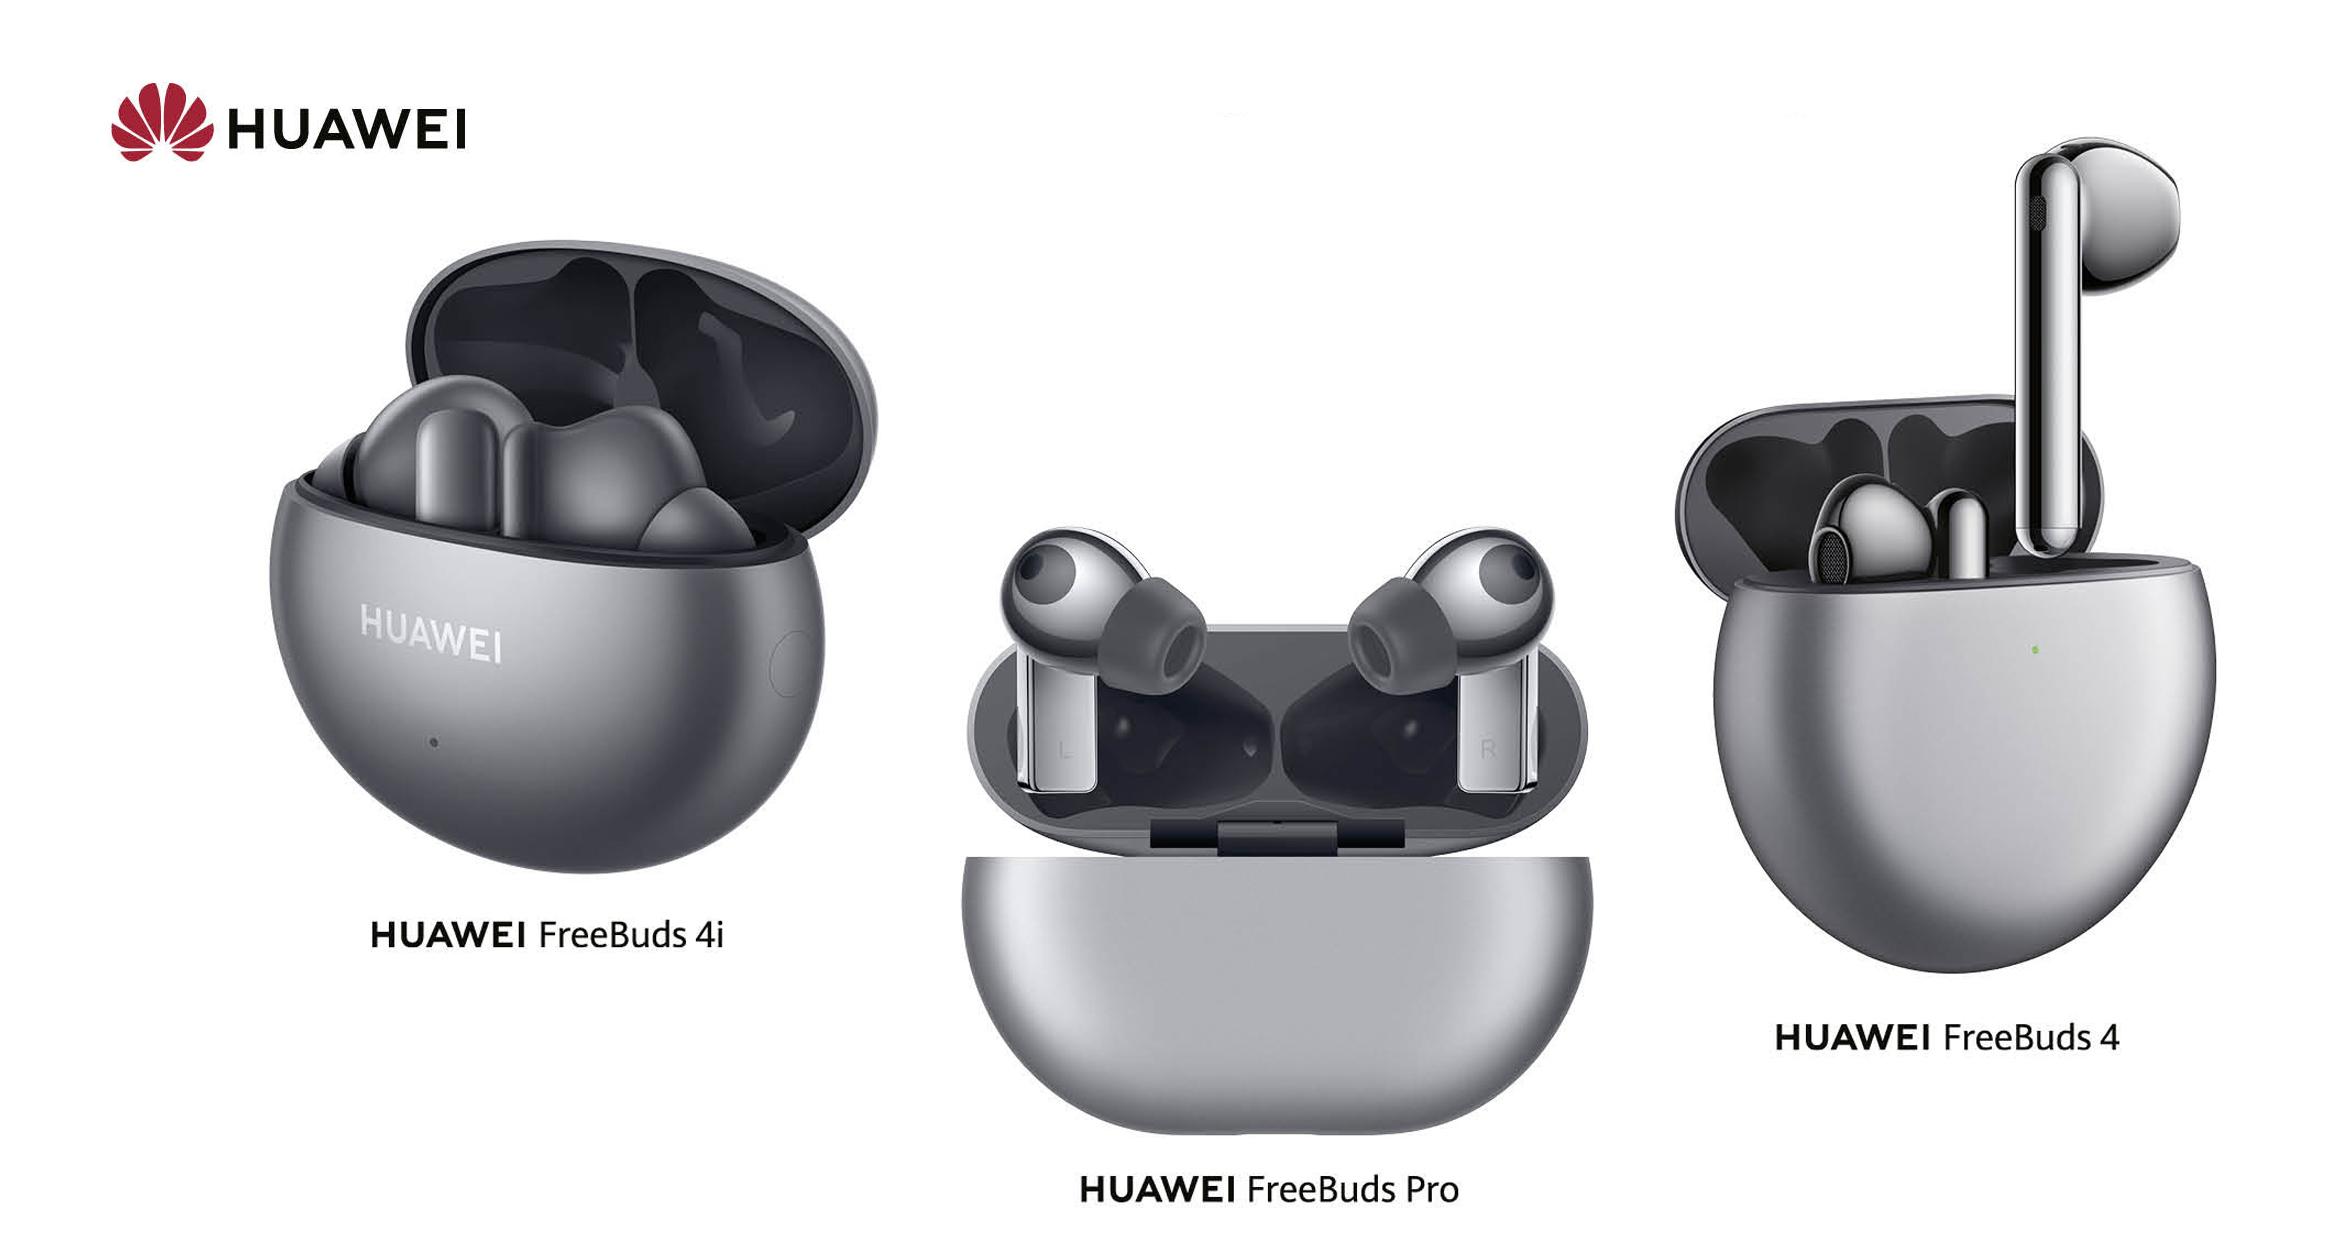 Neue Testergebnisse: Das sind die besten HUAWEI FreeBuds